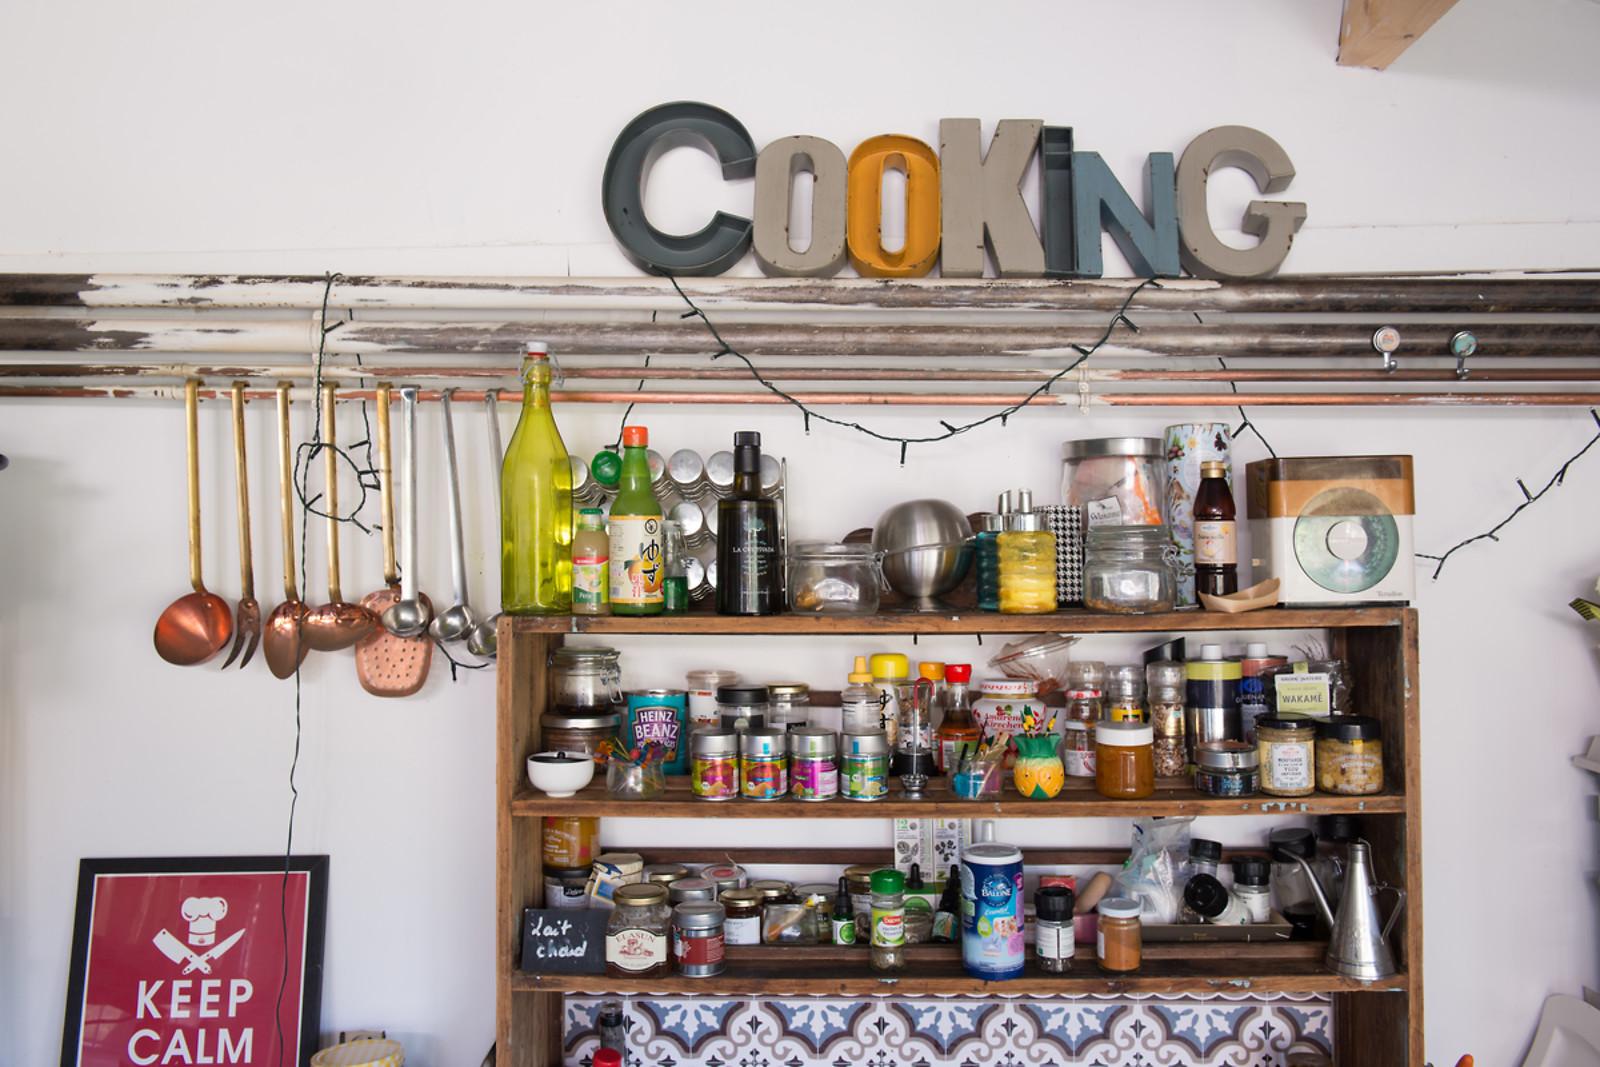 Cours De Cuisine Pour Chez Mon Ingrédient à Moi à Vannes - Cours de cuisine vannes